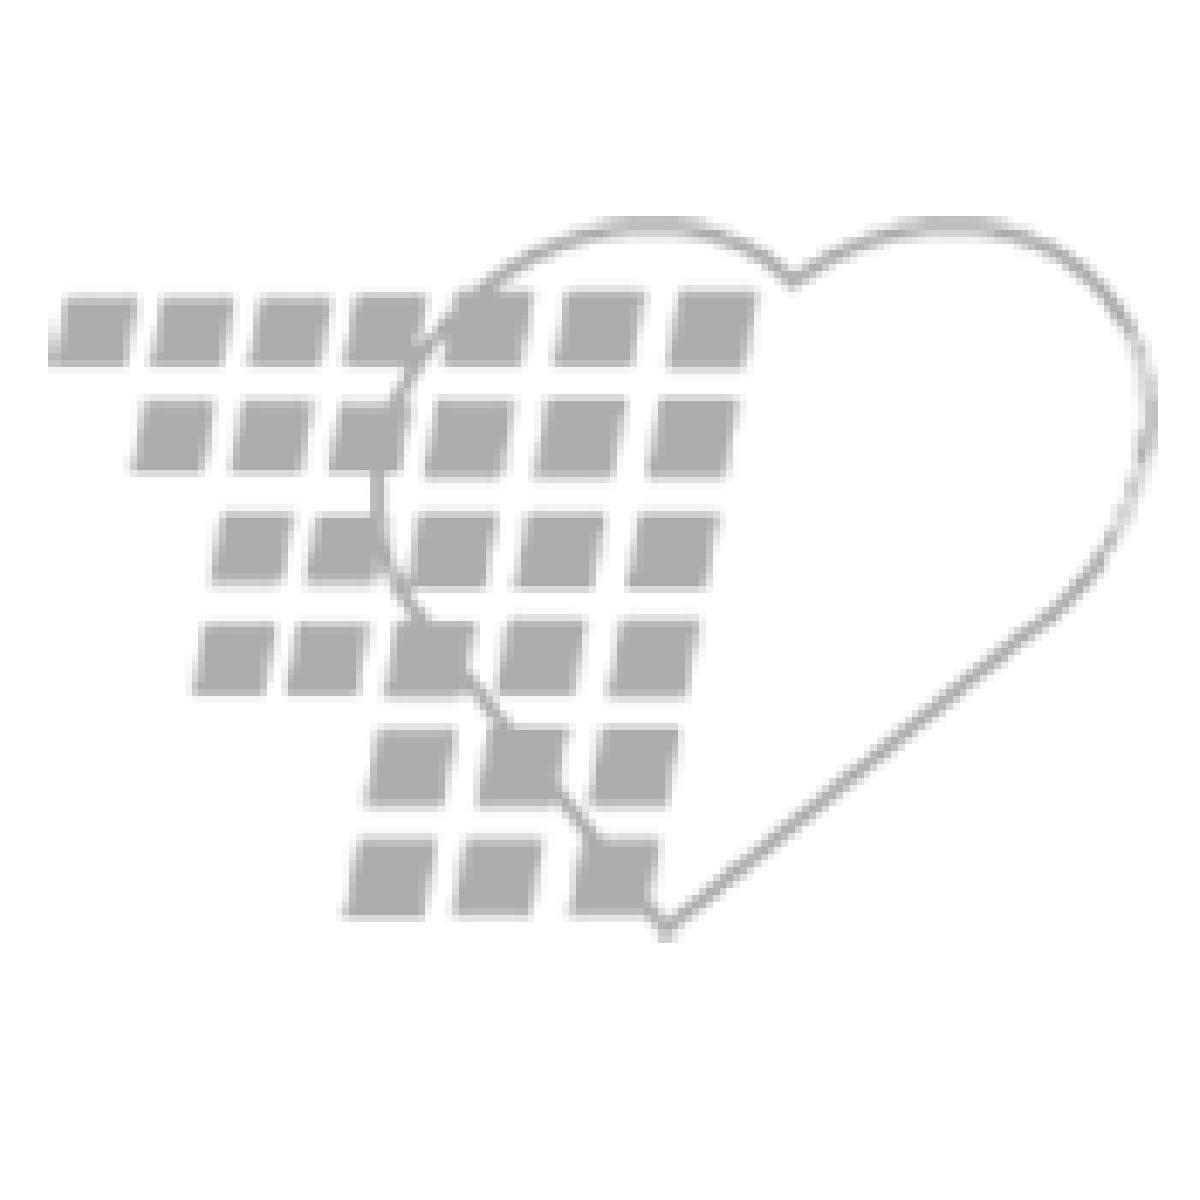 06-93-1000-250ML - Demo Dose® 5% Dextros IV Fluid 250mL